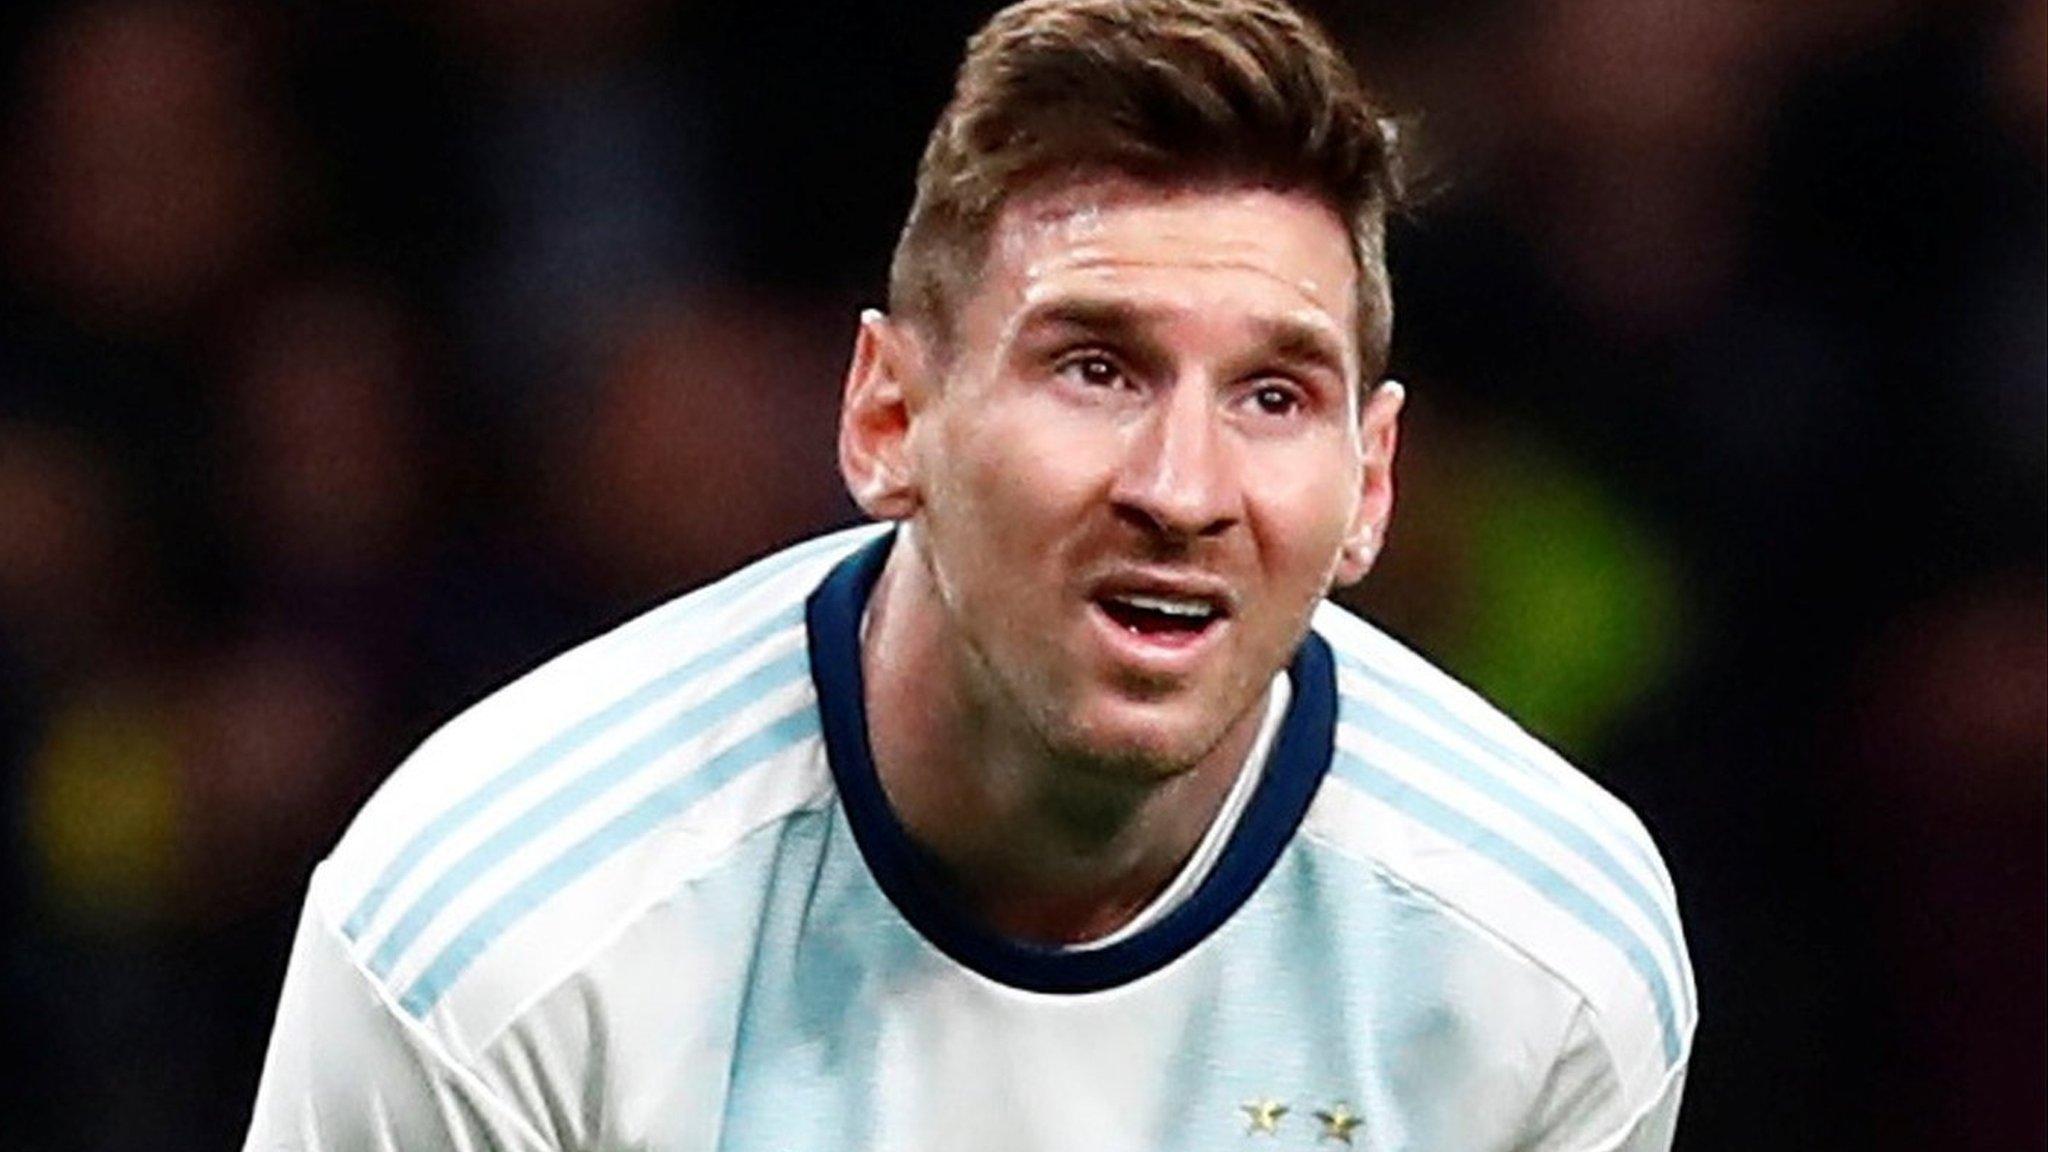 Argentina lose to Venezuela despite Messi's return